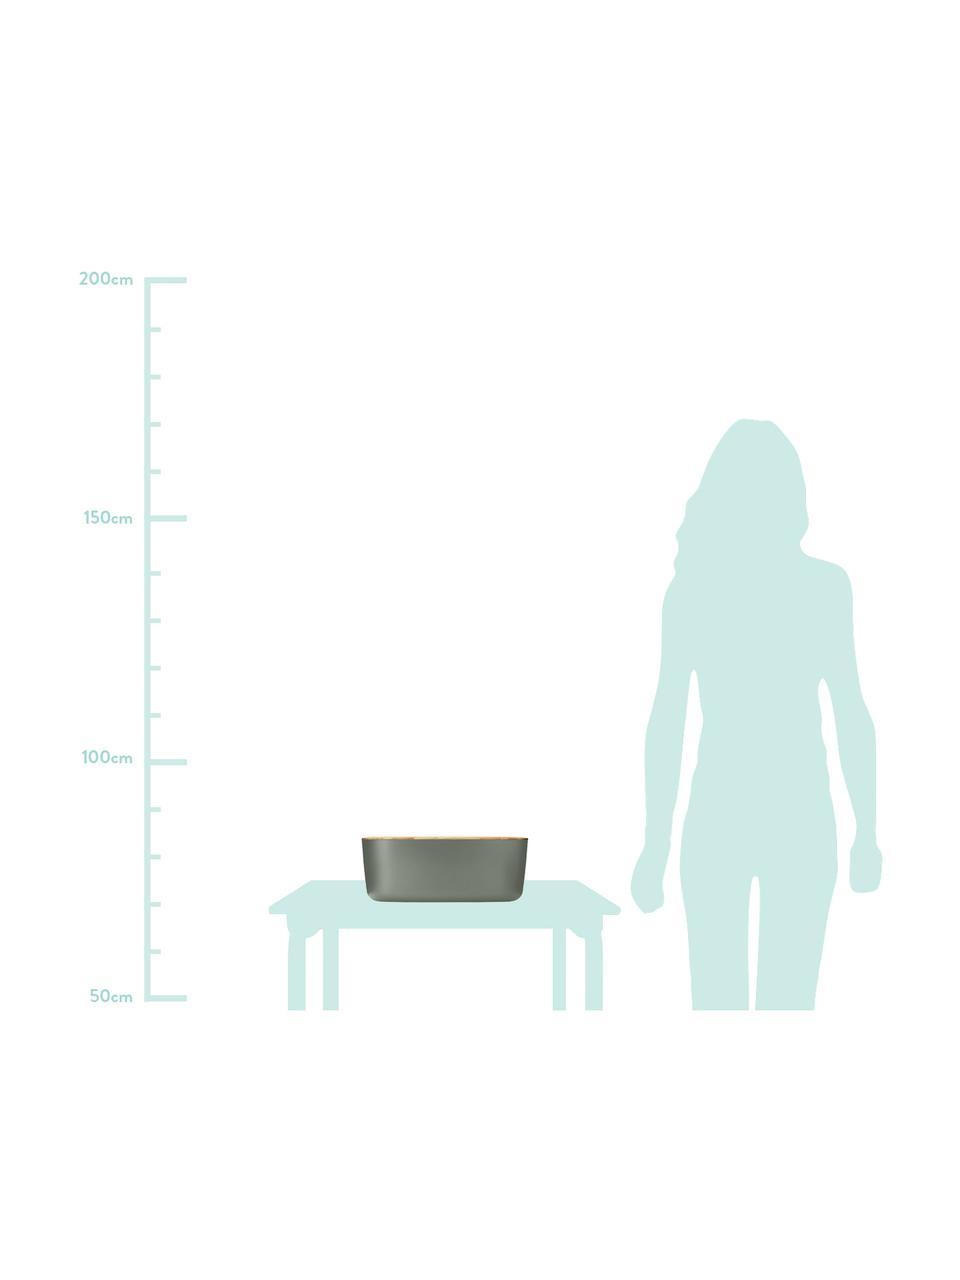 Designer Brotkasten Box-It mit Bambusdeckel, Dose: Melamin, Deckel: Bambus, Dose: Grau<br>Deckel: Braun, 35 x 12 cm